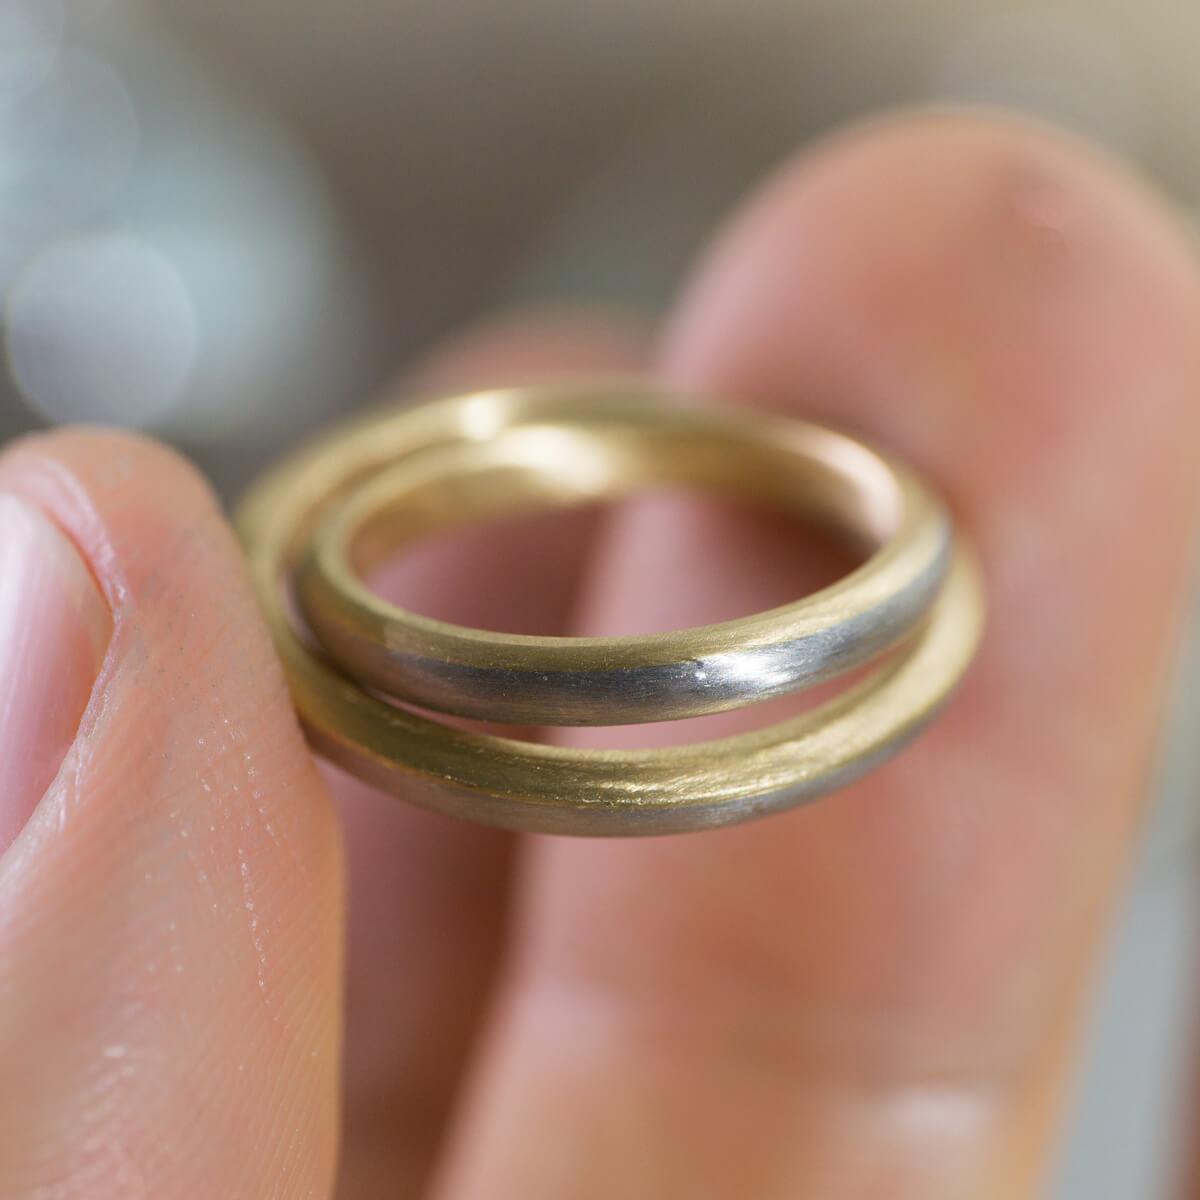 角度2 オーダーメイドマリッジリング ジュエリーのアトリエ プラチナ、ゴールド 屋久島の海モチーフ 屋久島でつくる結婚指輪